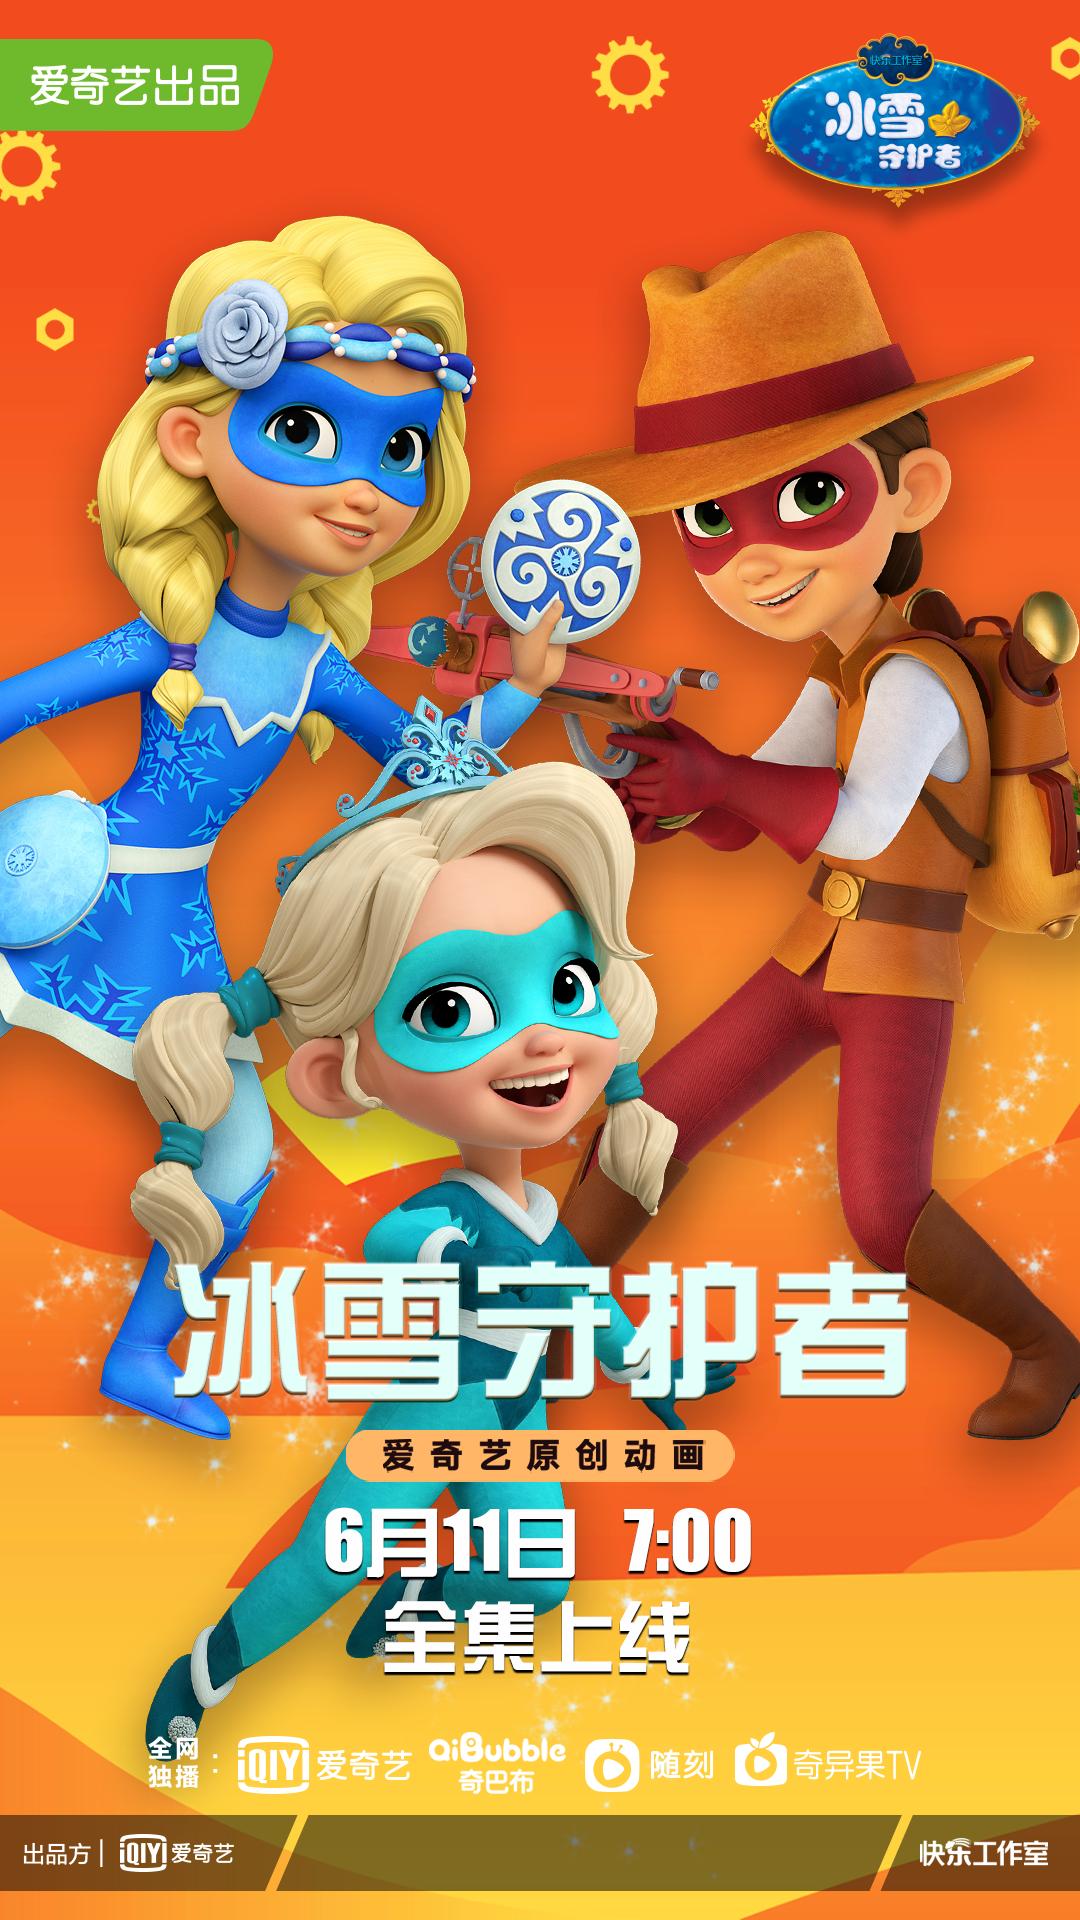 爱奇艺原创3D儿童动画《冰雪守护者》6月11日上线 改编自安徒生经典童话《冰雪女王》